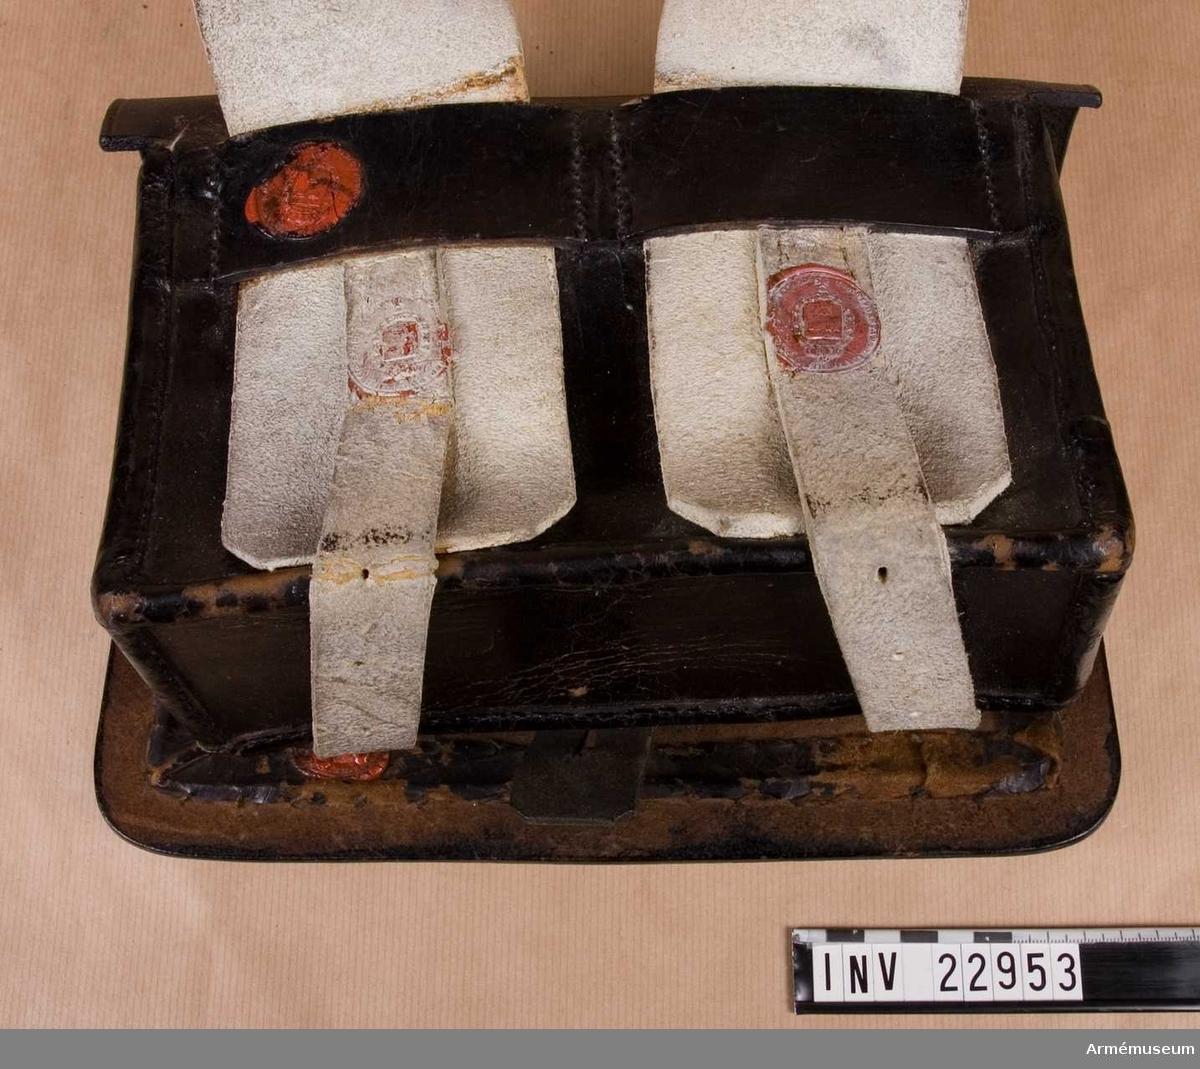 """Grupp C I. Ur uniform för manskap vid Smålands grenadjärkår 1832-45. Består av kollet, epåletter, byxor, tschakå, pompong, plym, skärp  halsduk, skor, damask, patronkök, bandolär huggare och axelgehäng. Patronköket fastställt enligt generalorder 23/10 1840 (infanteriet allmänt) Vidhängande modellapp: """"Modell å Bandoler för Indelta infanteriet och Bevärings manskapet, at Kongl. Maj:st i Nåder gillad och fastställd genom Generalordres af denna dag, No 267. Stockholms Slott den 23 Oktober 1840. På Nådigste Befallning M. Cederström Stats Råd och Chef för Landsförsvars Departementet."""""""